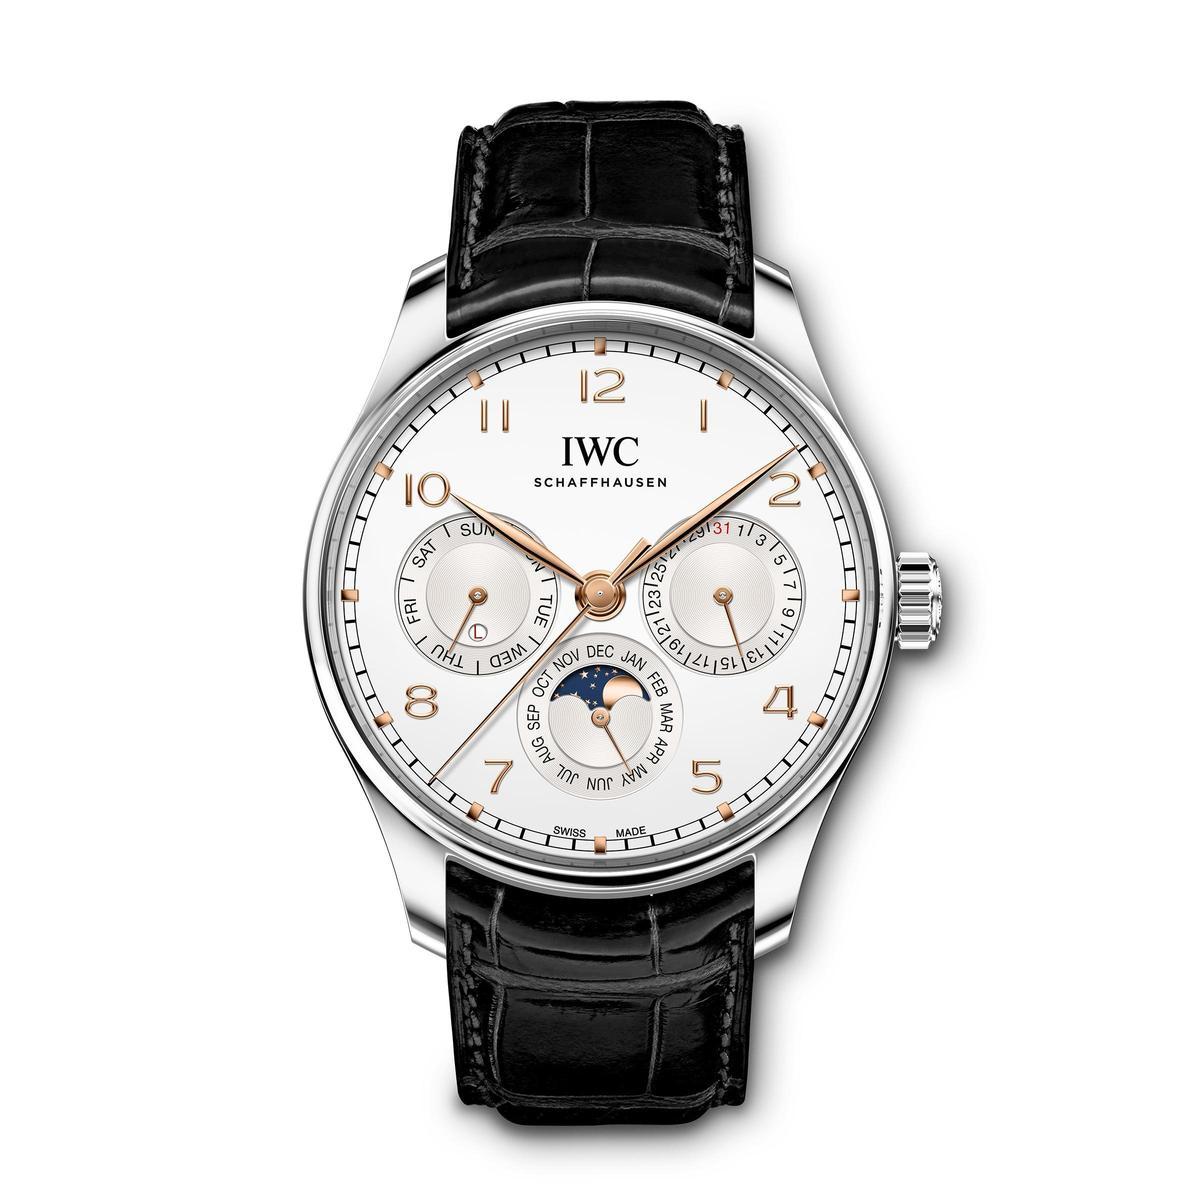 型號IW3442的全新萬年曆腕錶還有這款不鏽鋼材質的版本,定價為NT$715,000,一舉拉低入手門檻。